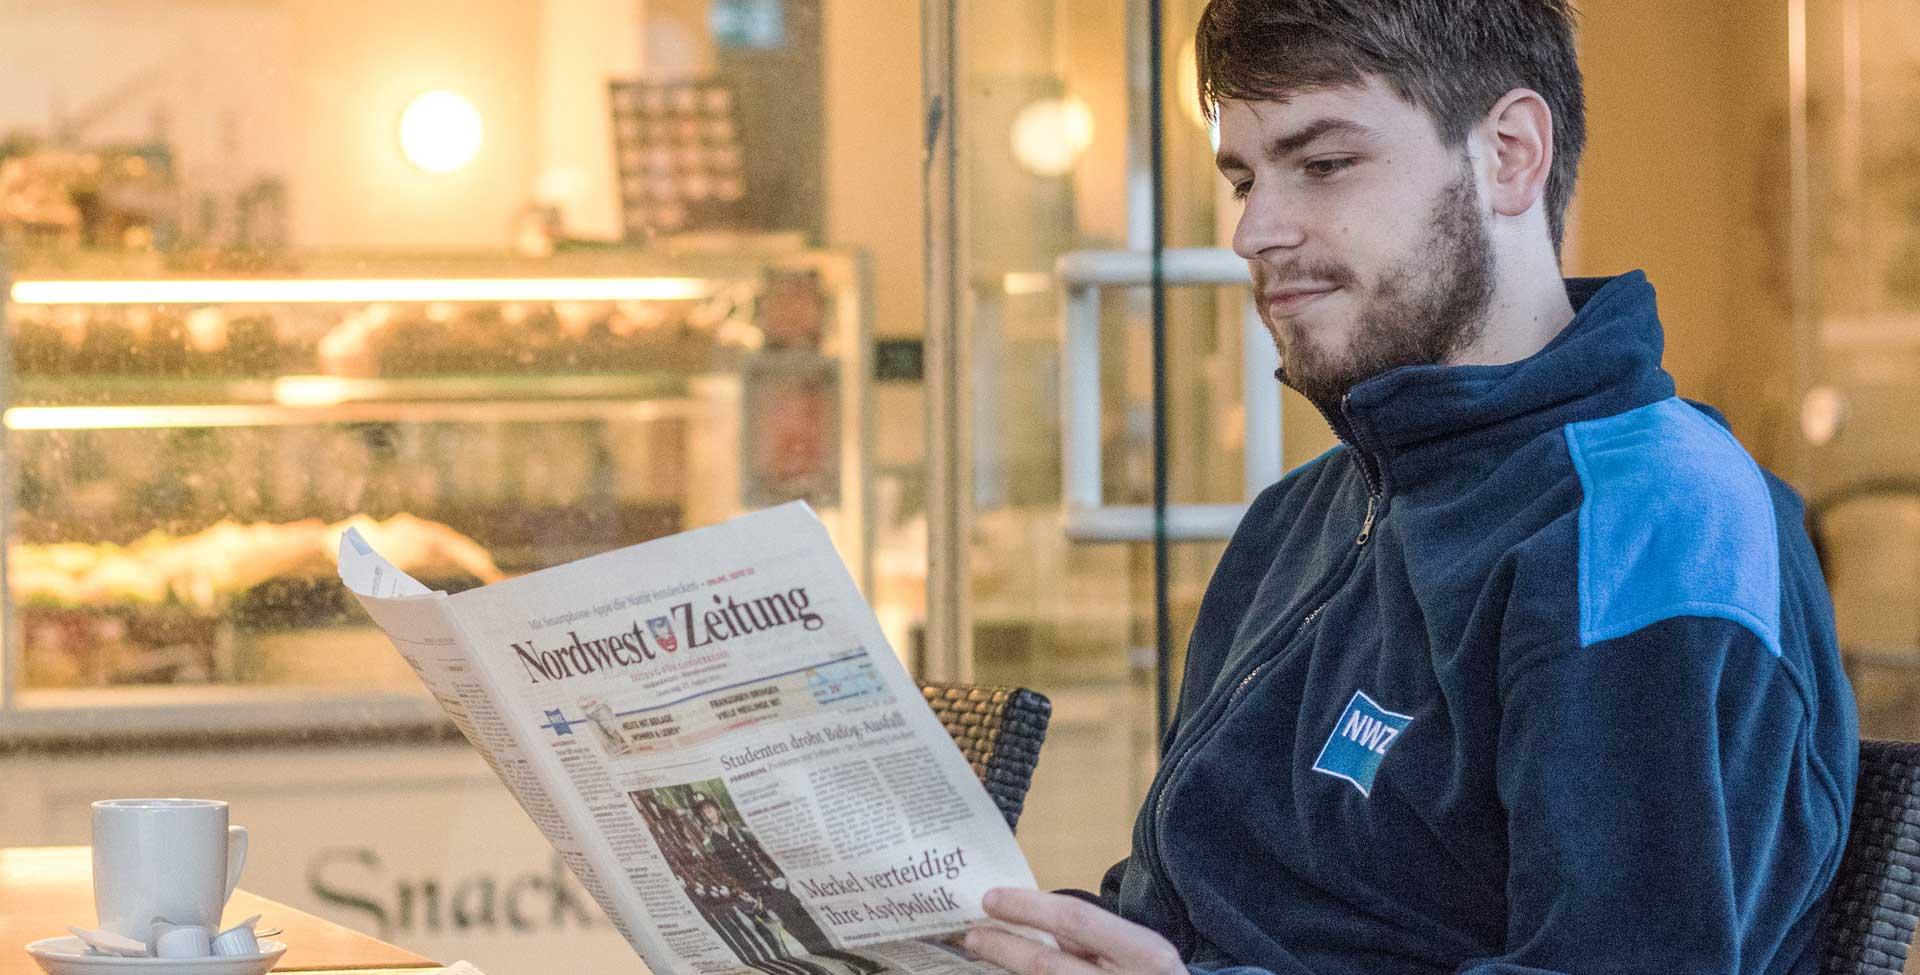 Zusteller liest eine Zeitung